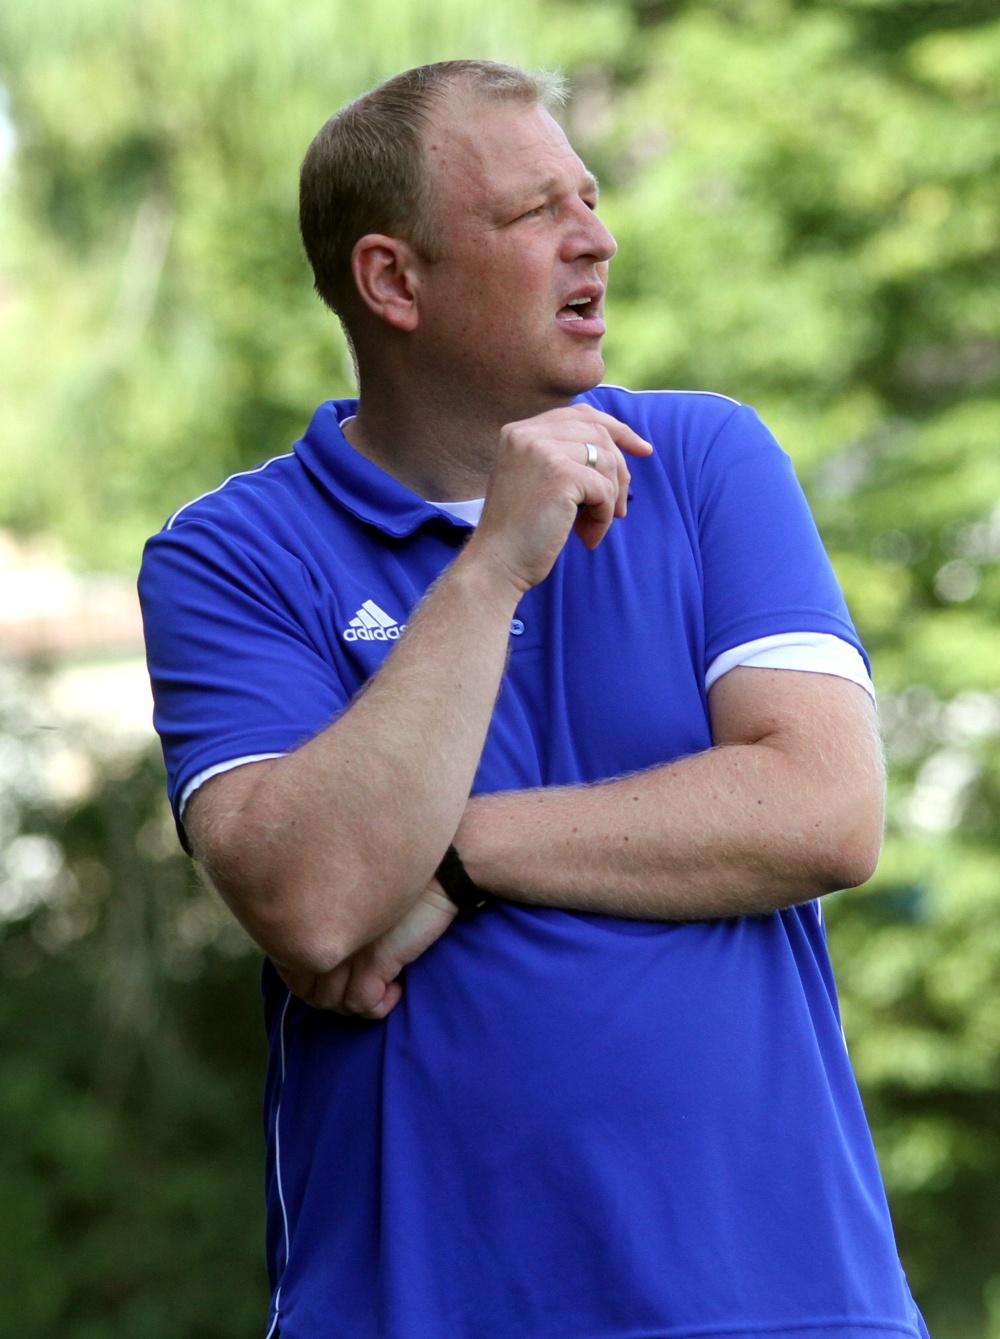 Grübelt: Trainer Marco Priebe erwartet beim Gastspiel in Kirchlengern einen verstärkten Gegner.